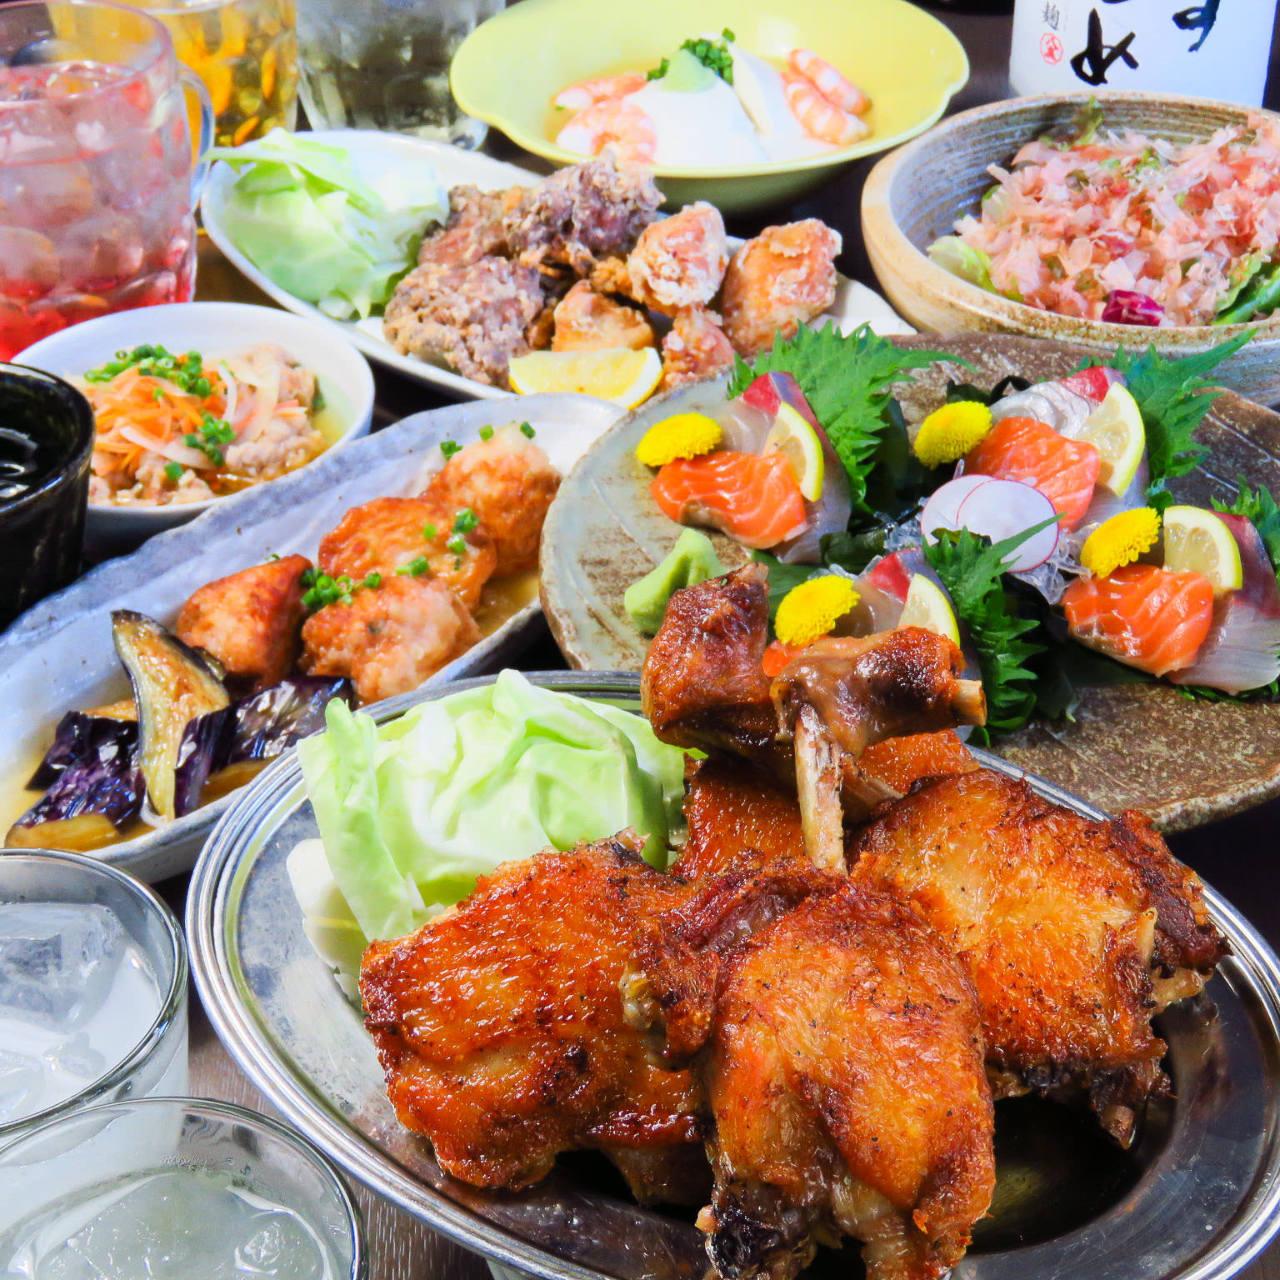 【7.8月限定】2時間飲み放題付全8品『香川名物 ふもと赤鶏のもも焼きコース』5000円⇒4500円 飲み会,宴会に◎